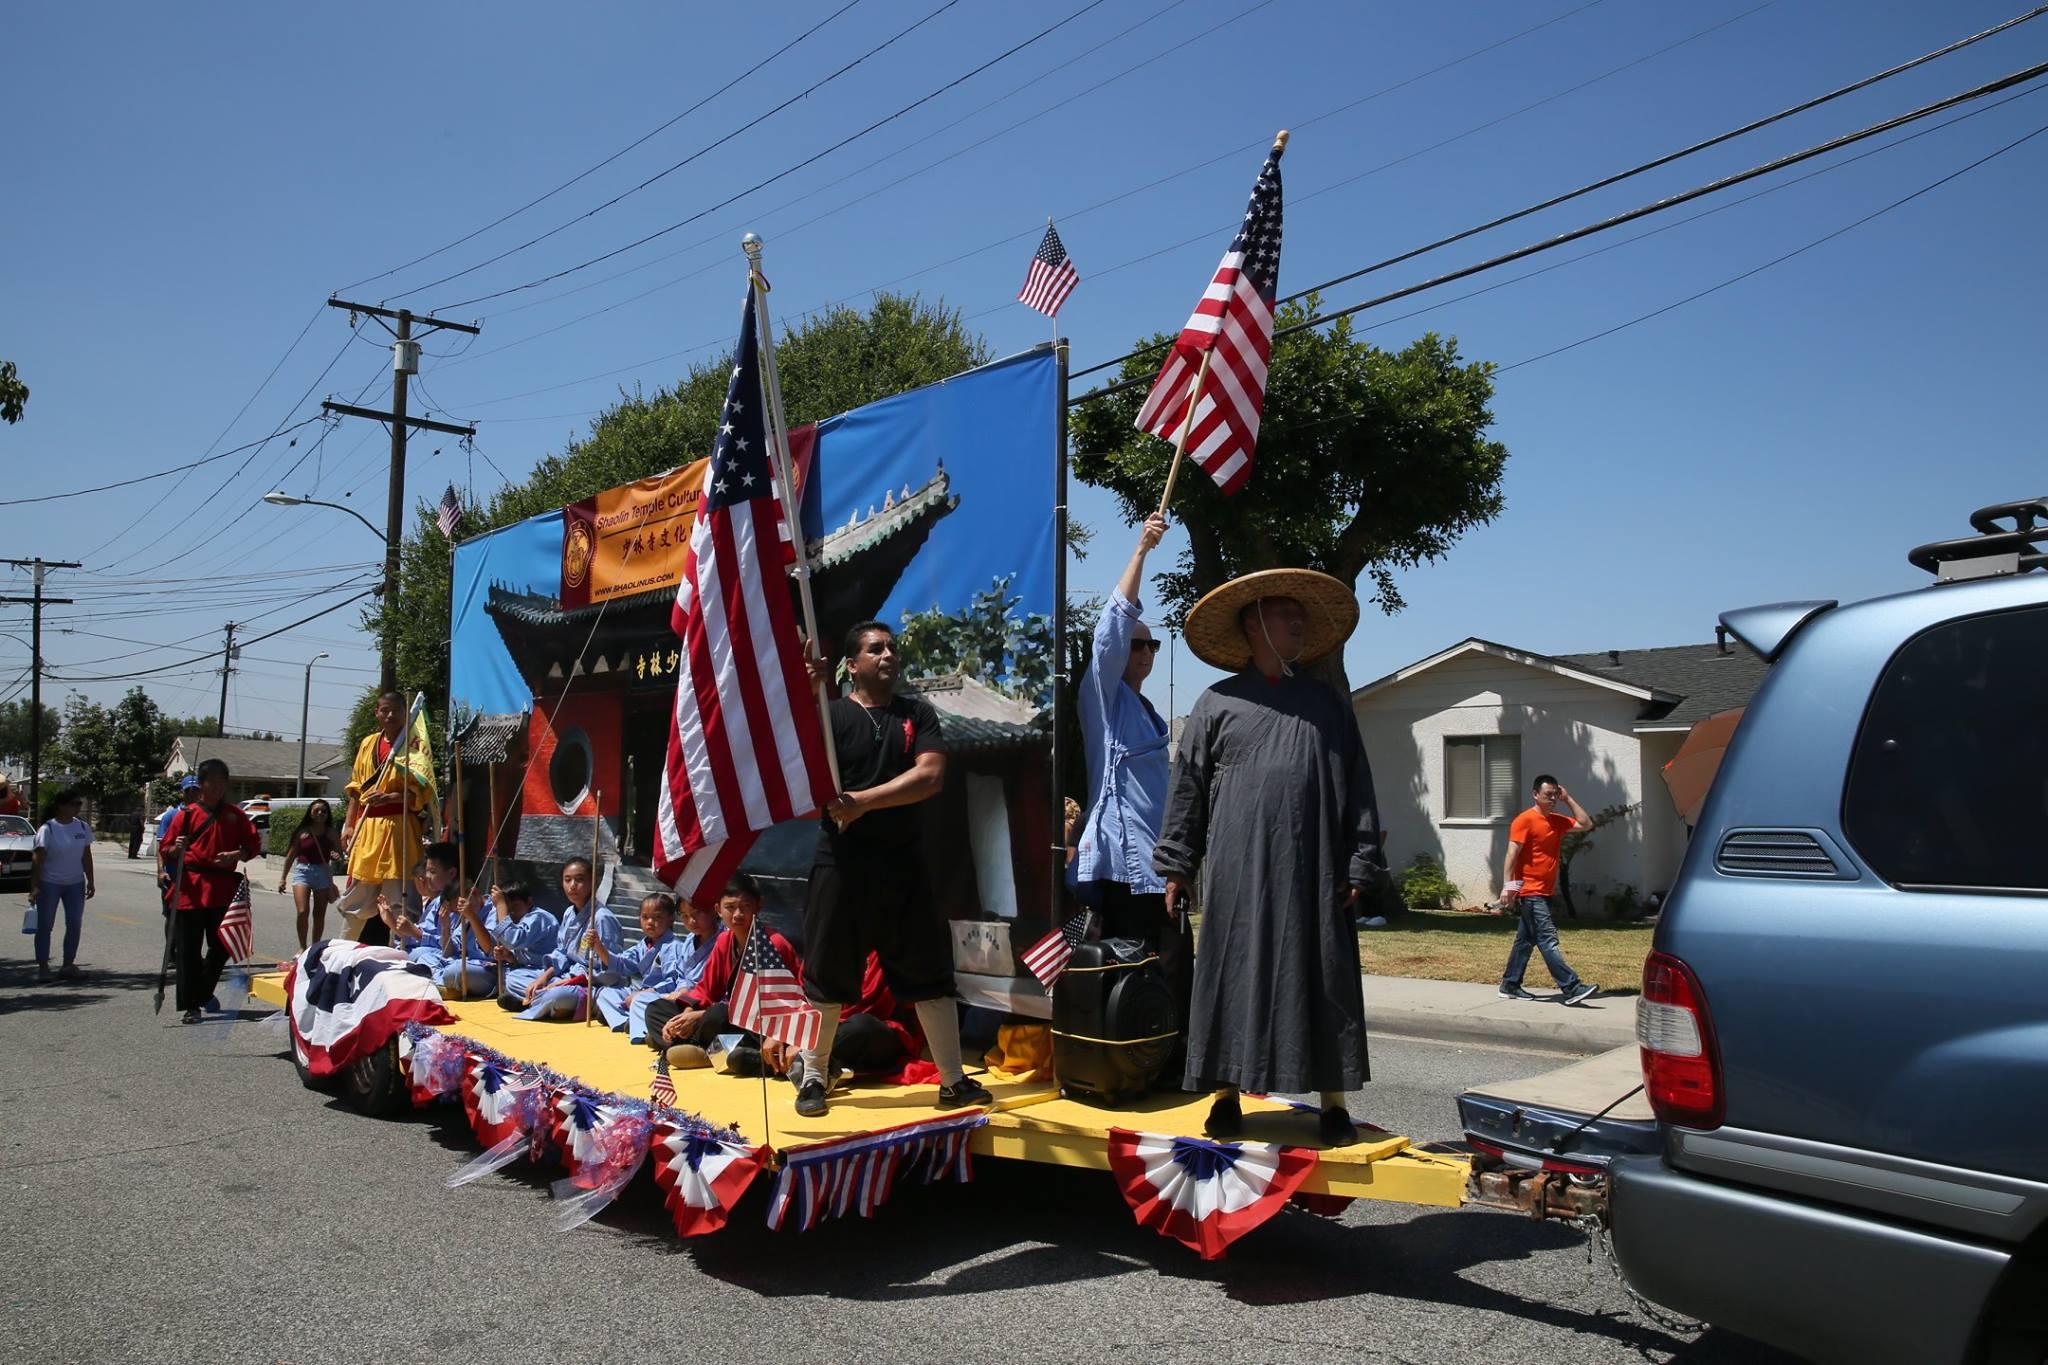 parade pic 3